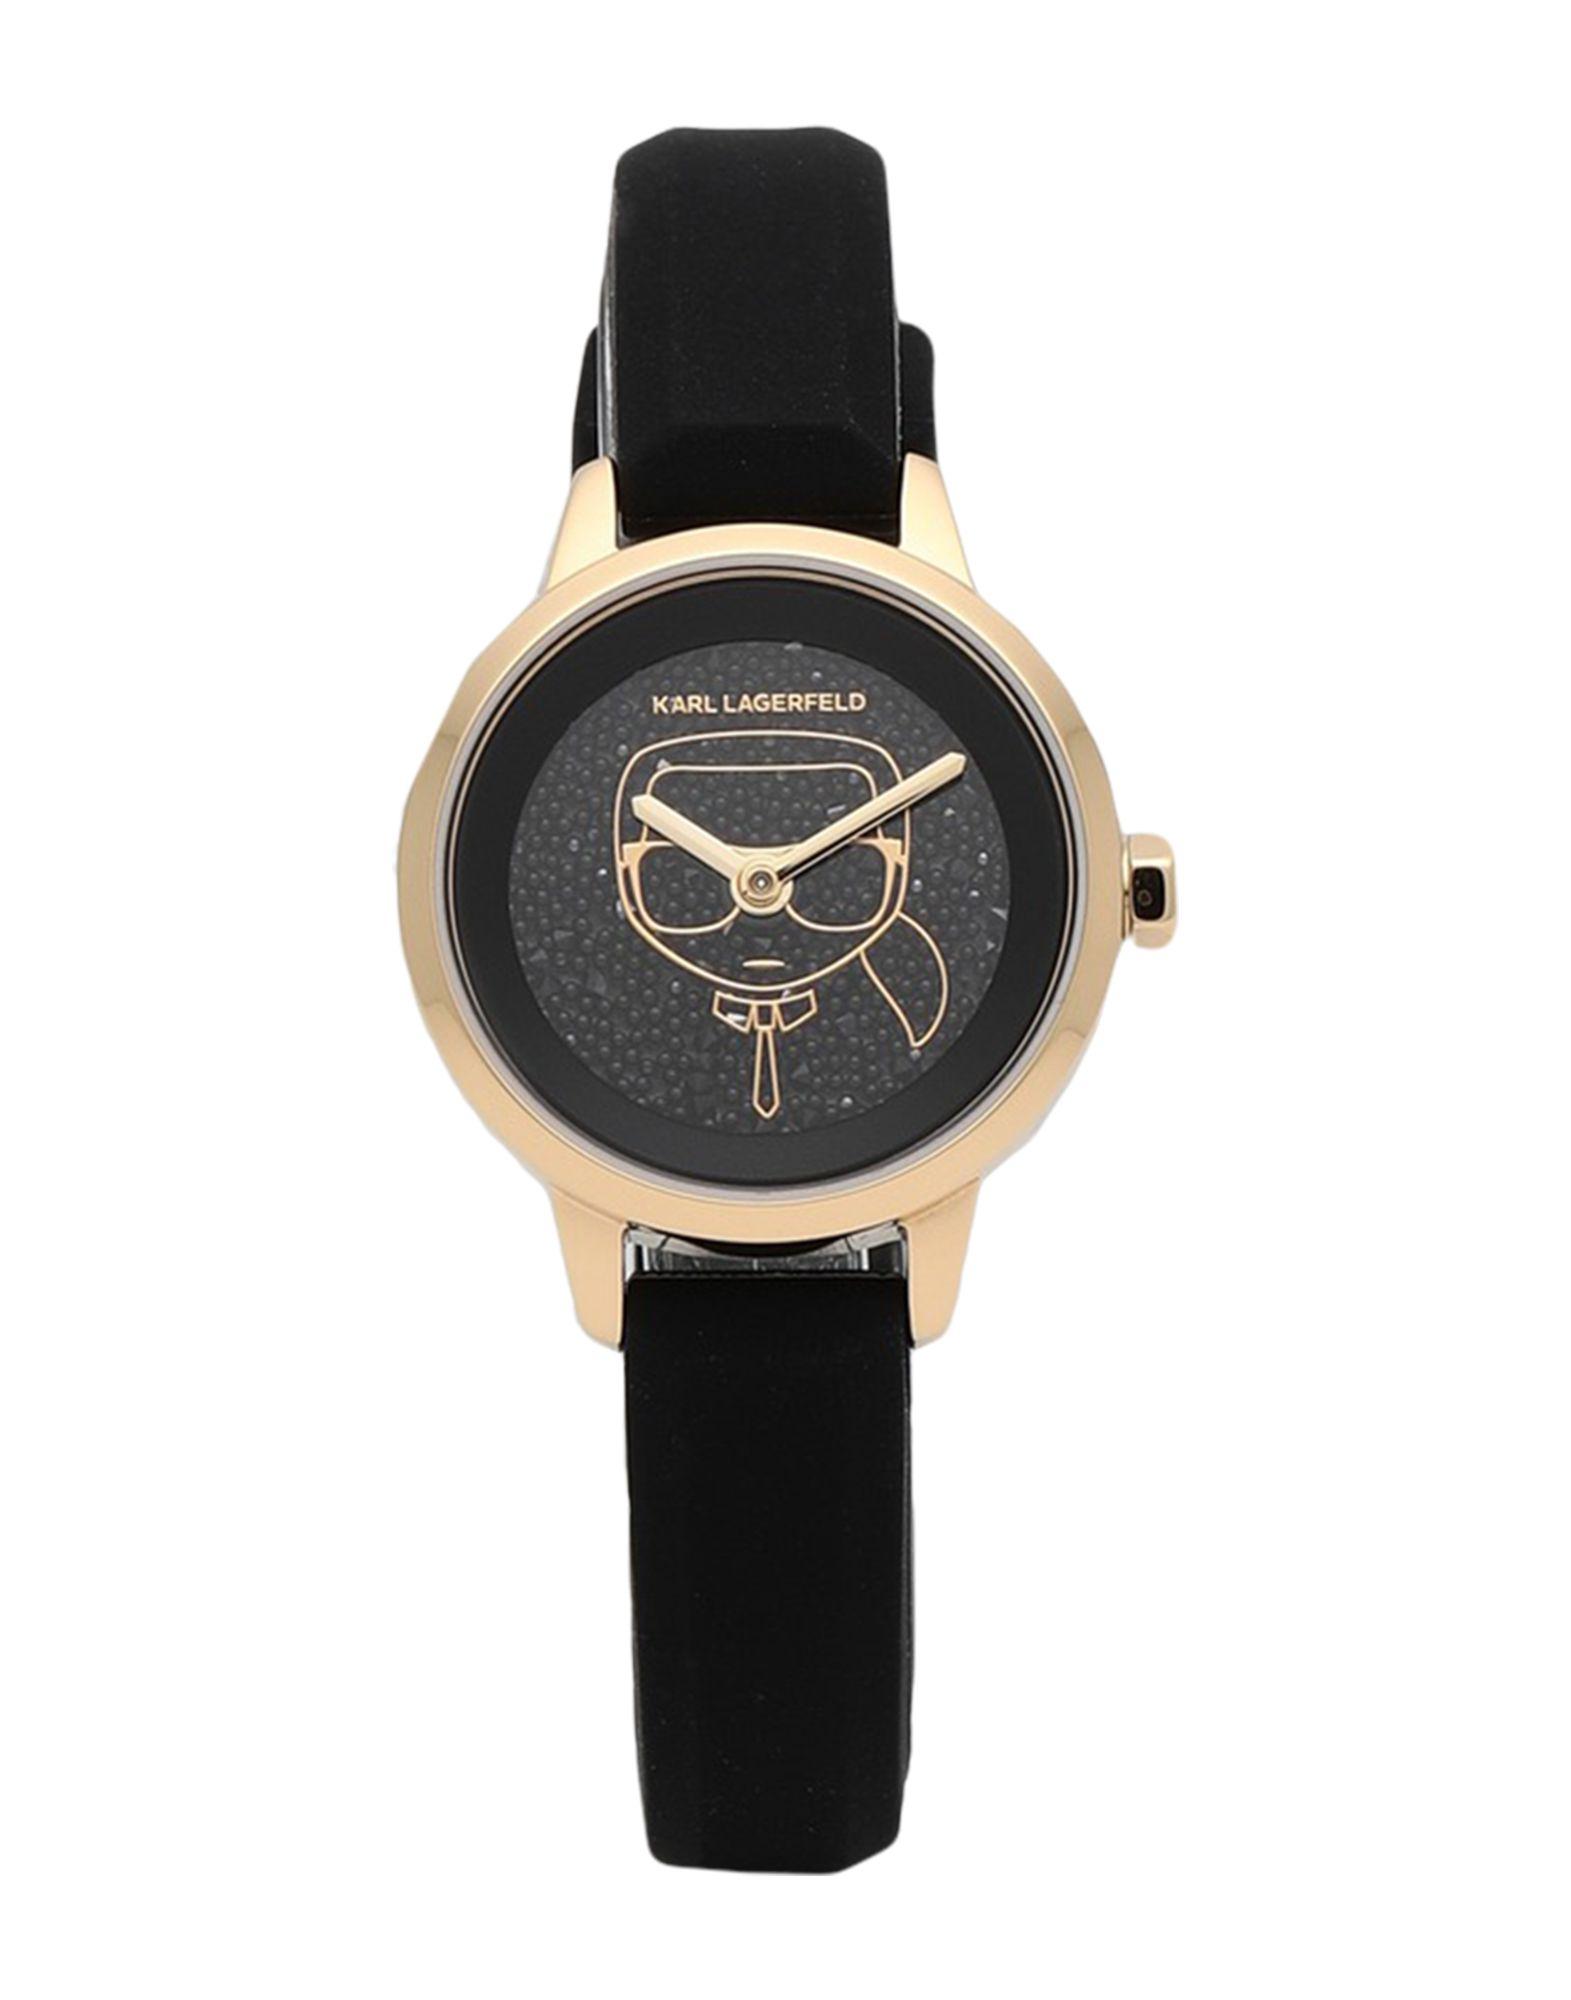 《セール開催中》KARL LAGERFELD レディース 腕時計 ブラック シリコン / ステンレススチール / スワロフスキー PETITE KARL IKONIK SILICONE STRAP